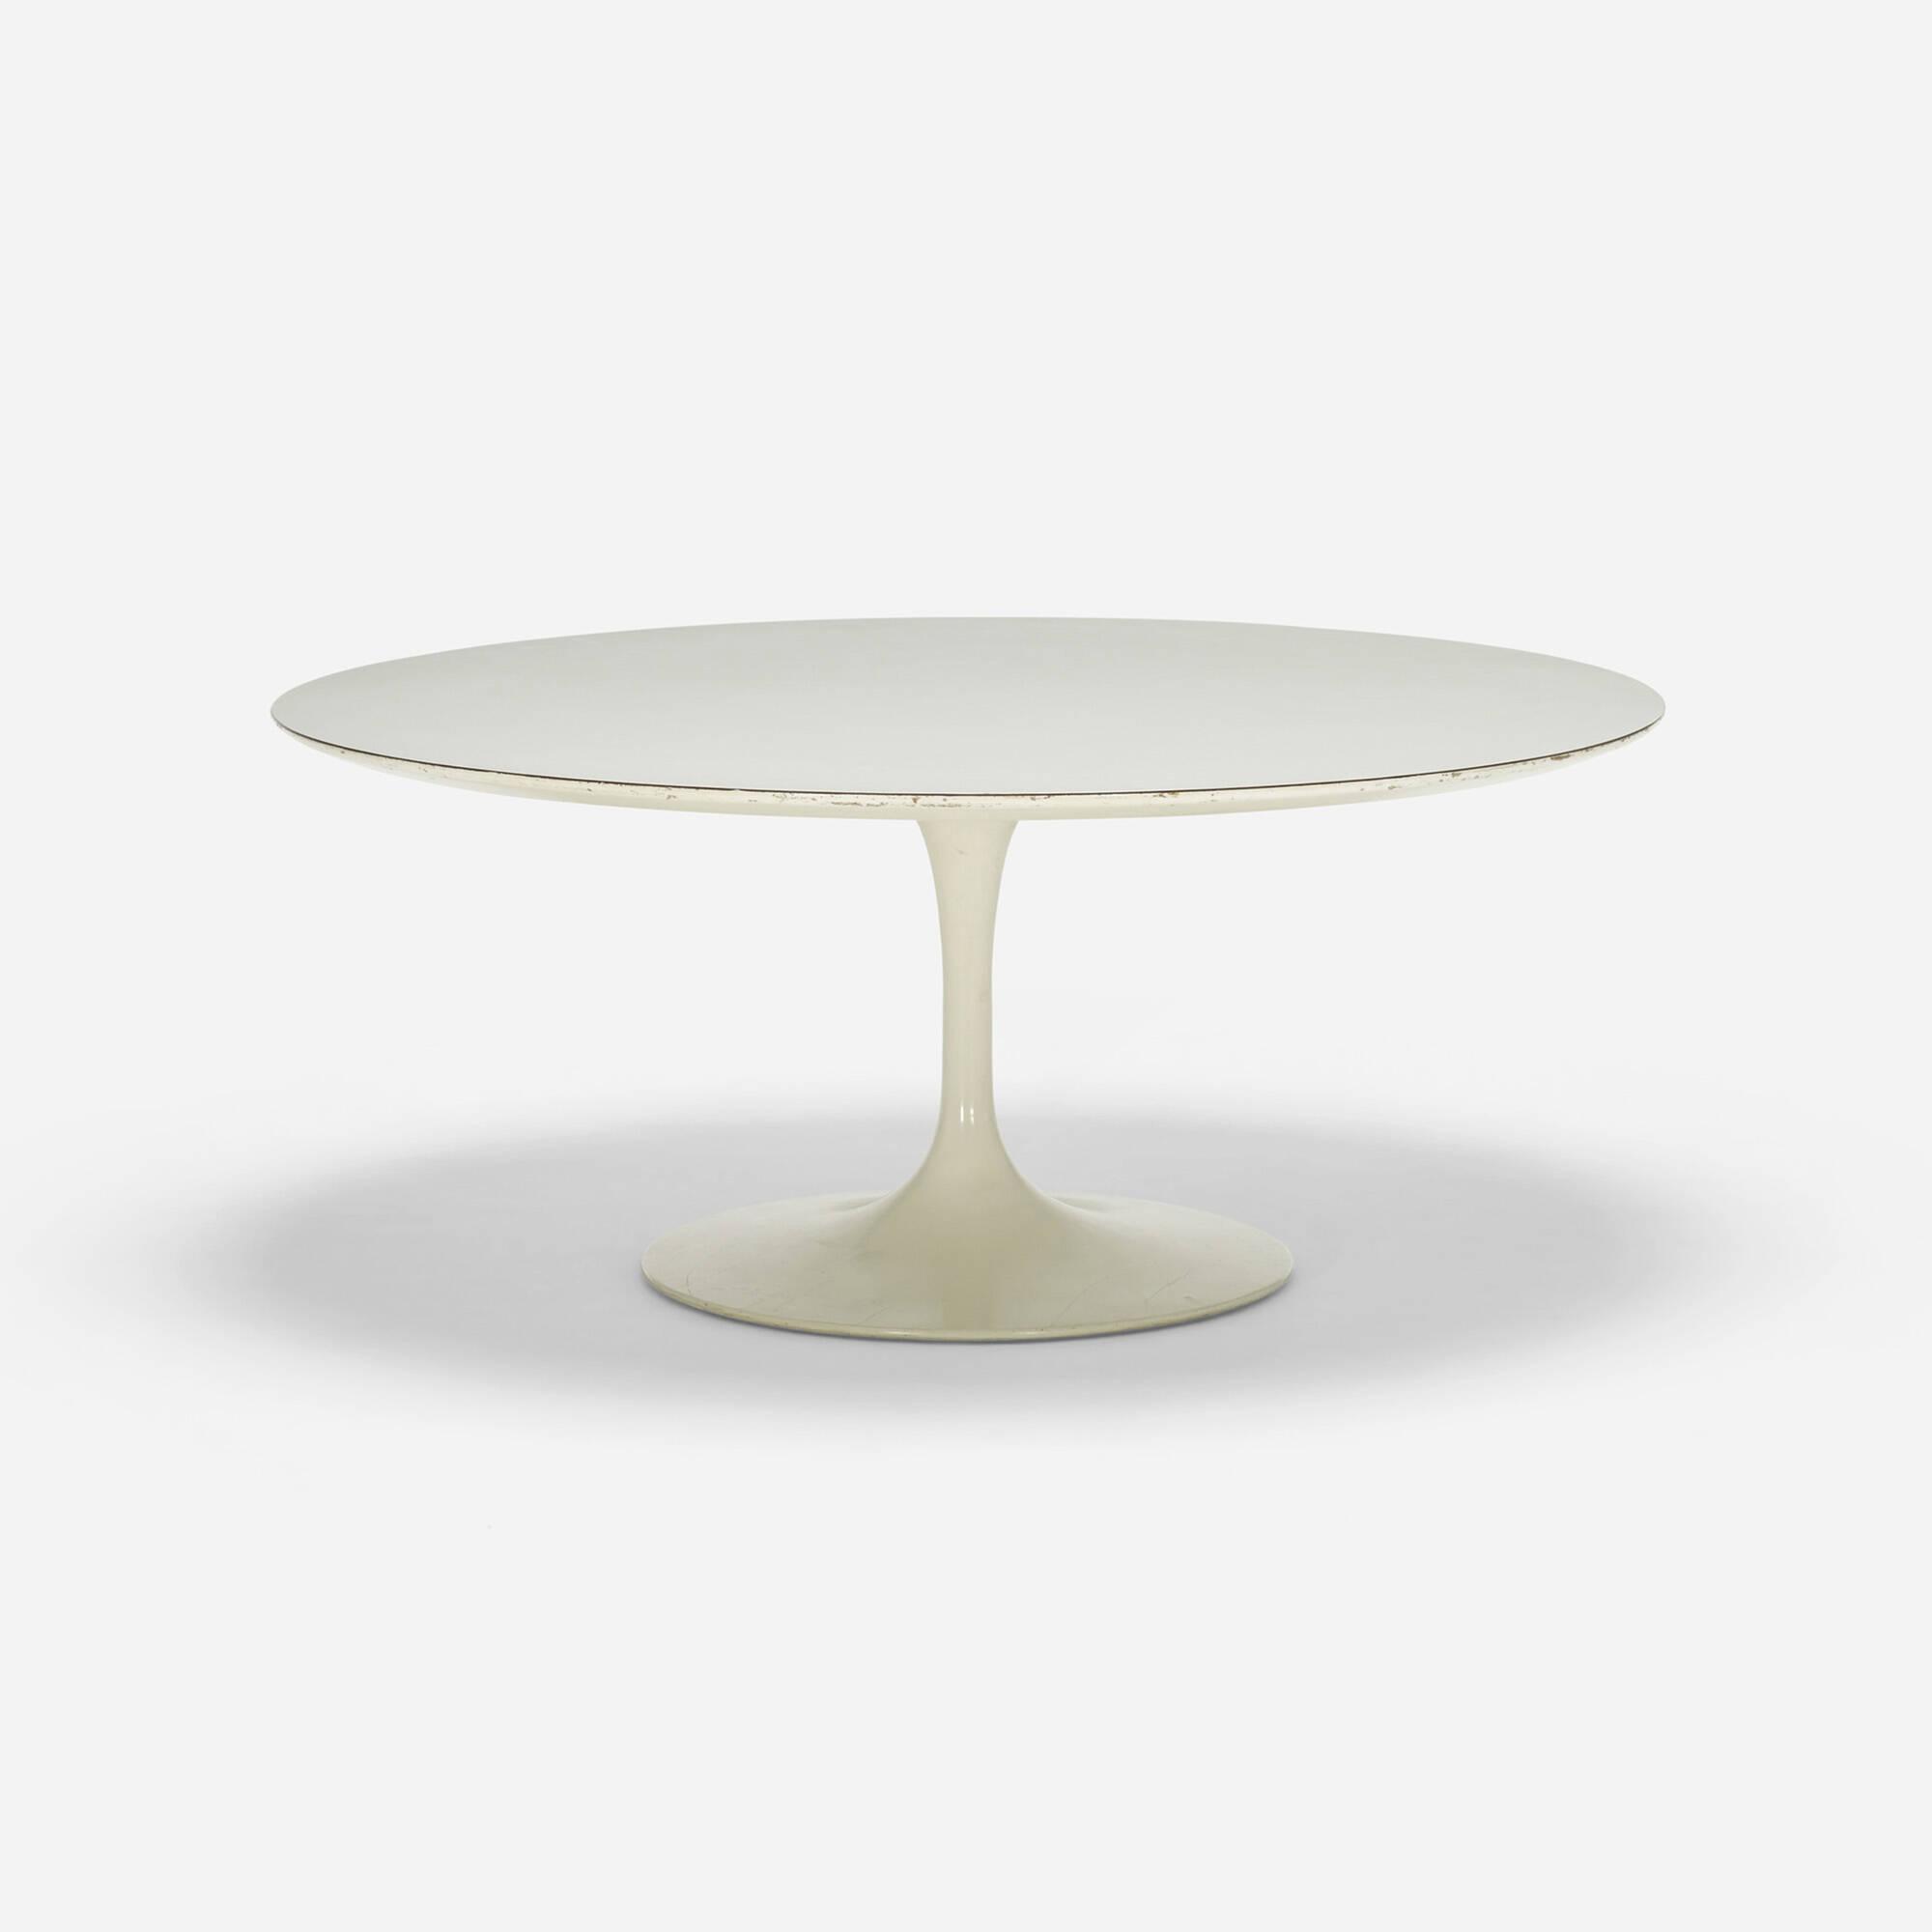 485 EERO SAARINEN Tulip coffee table Mass Modern 13 July